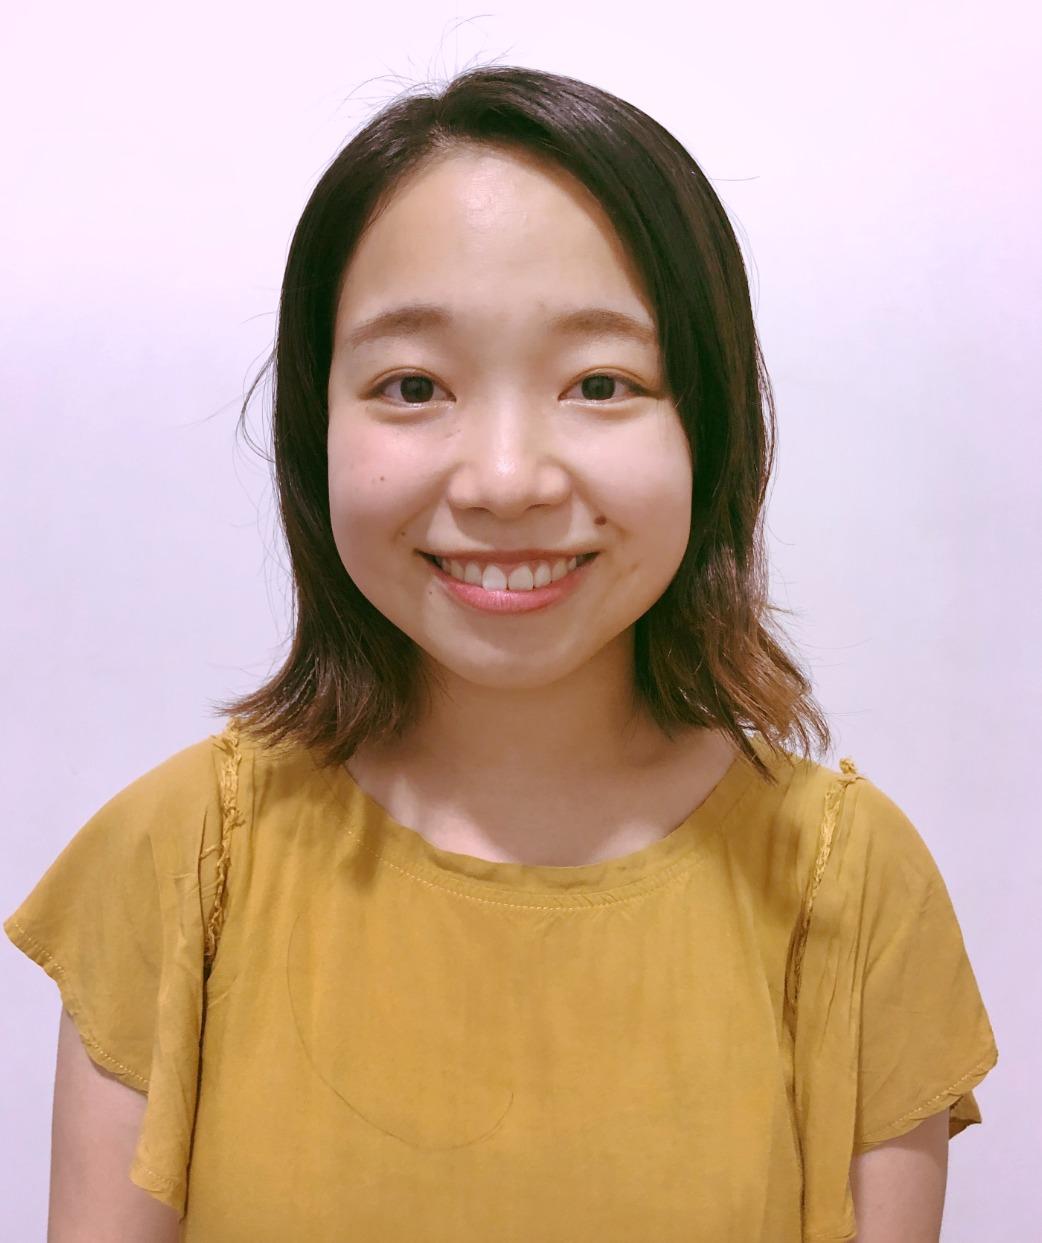 Haruka Haboshi